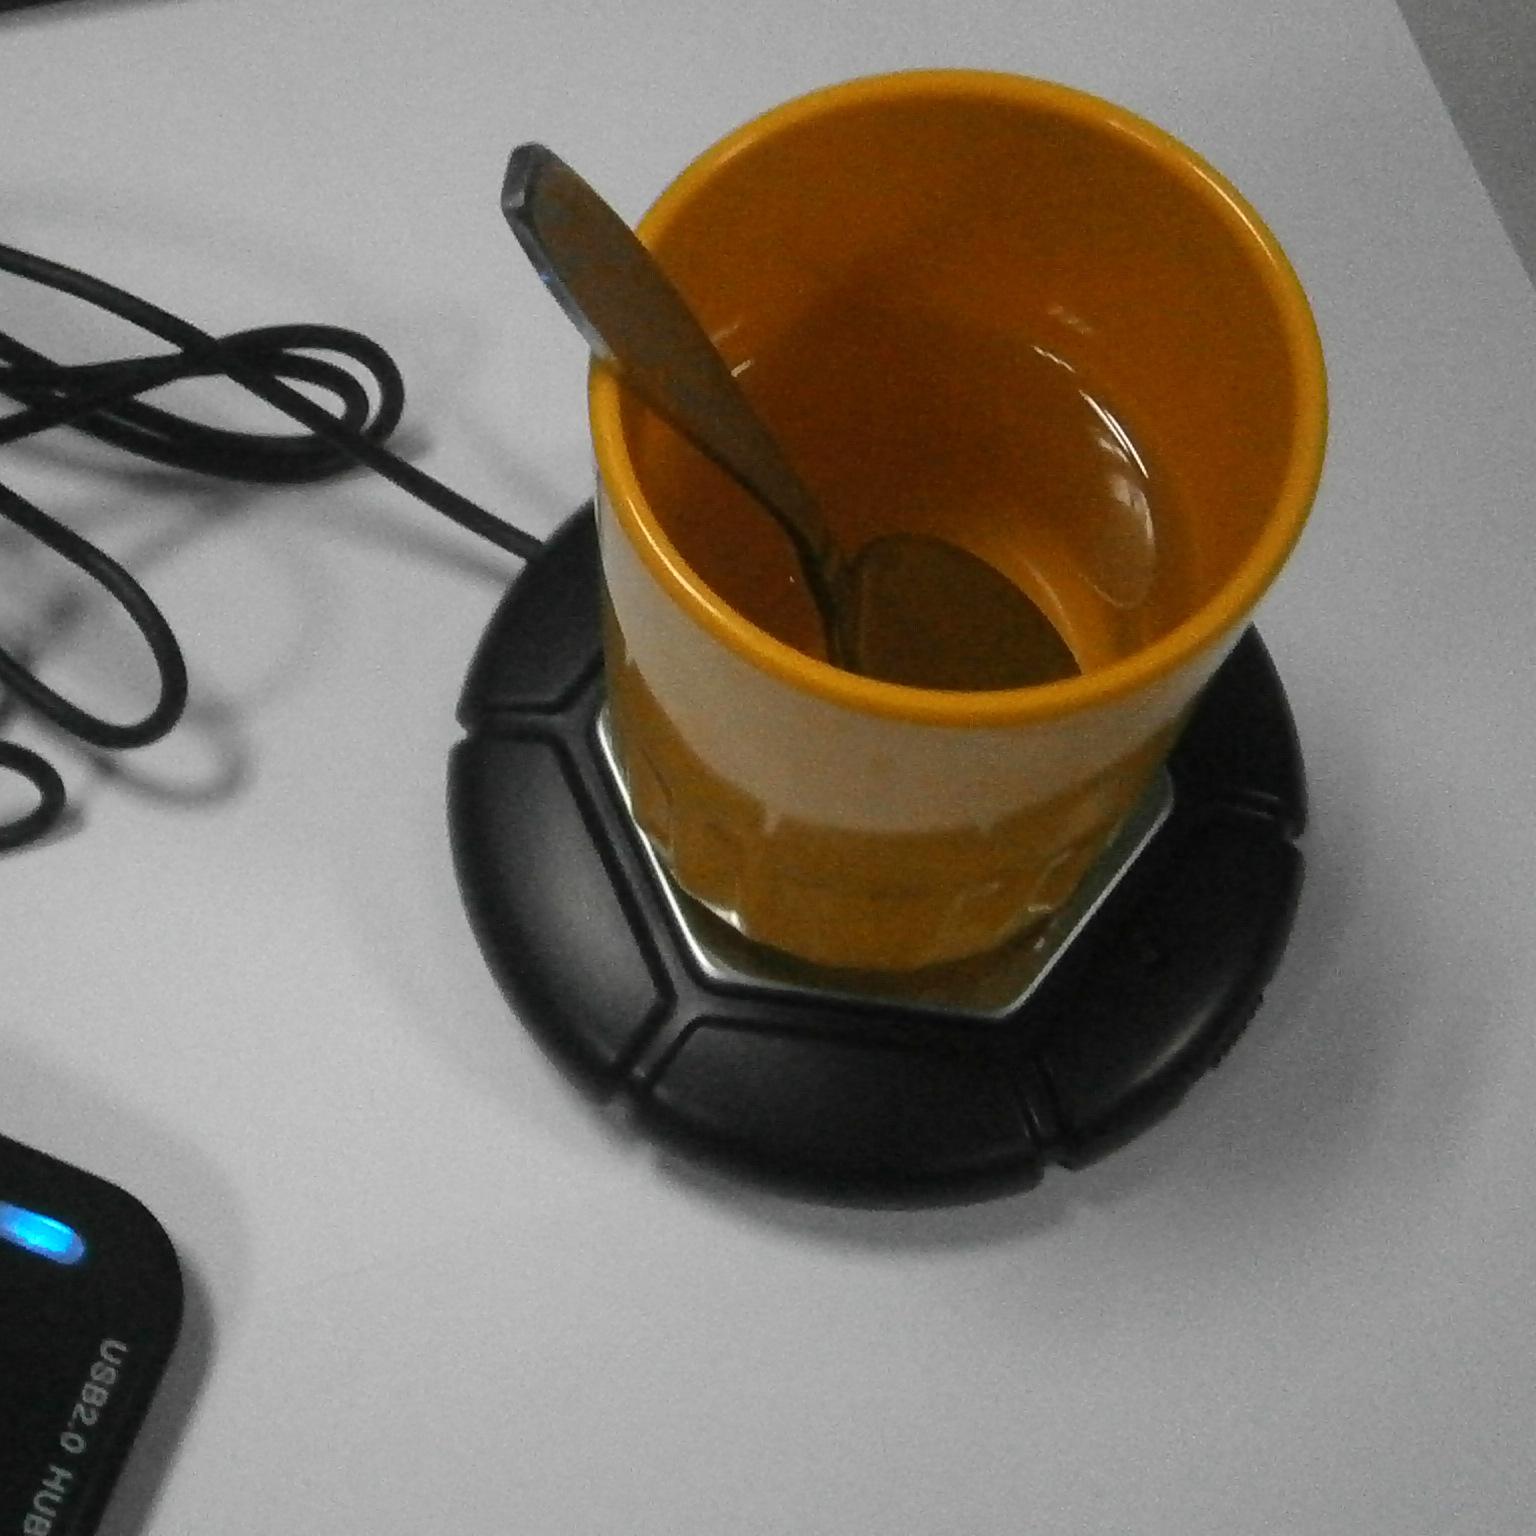 定做茶水保温垫 办公桌面饮品保温垫 US保温垫 咖啡垫